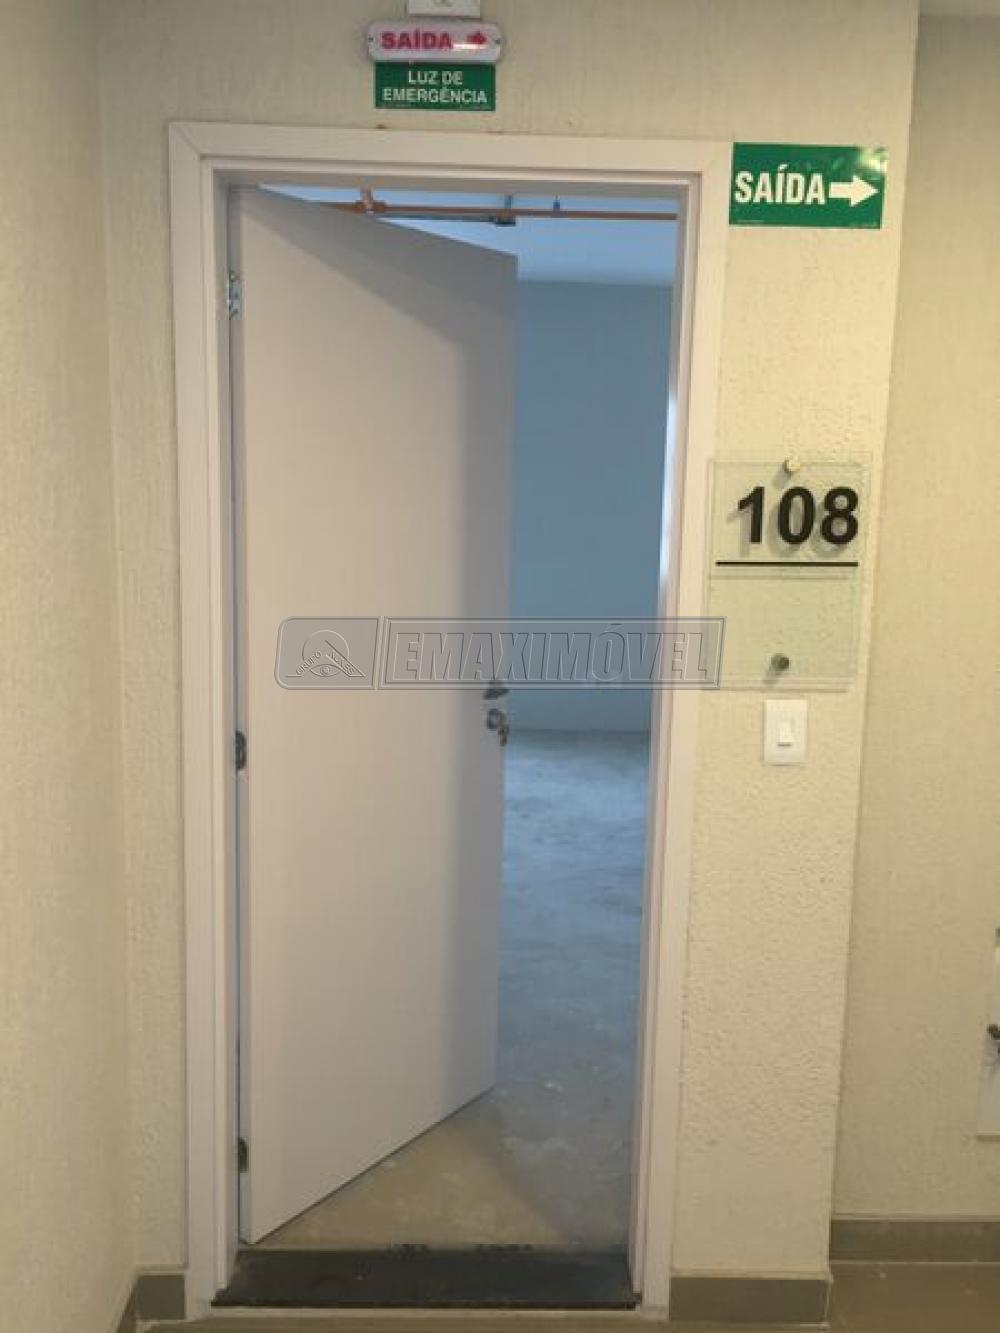 Alugar Sala Comercial / em Condomínio em Sorocaba R$ 2.600,00 - Foto 10